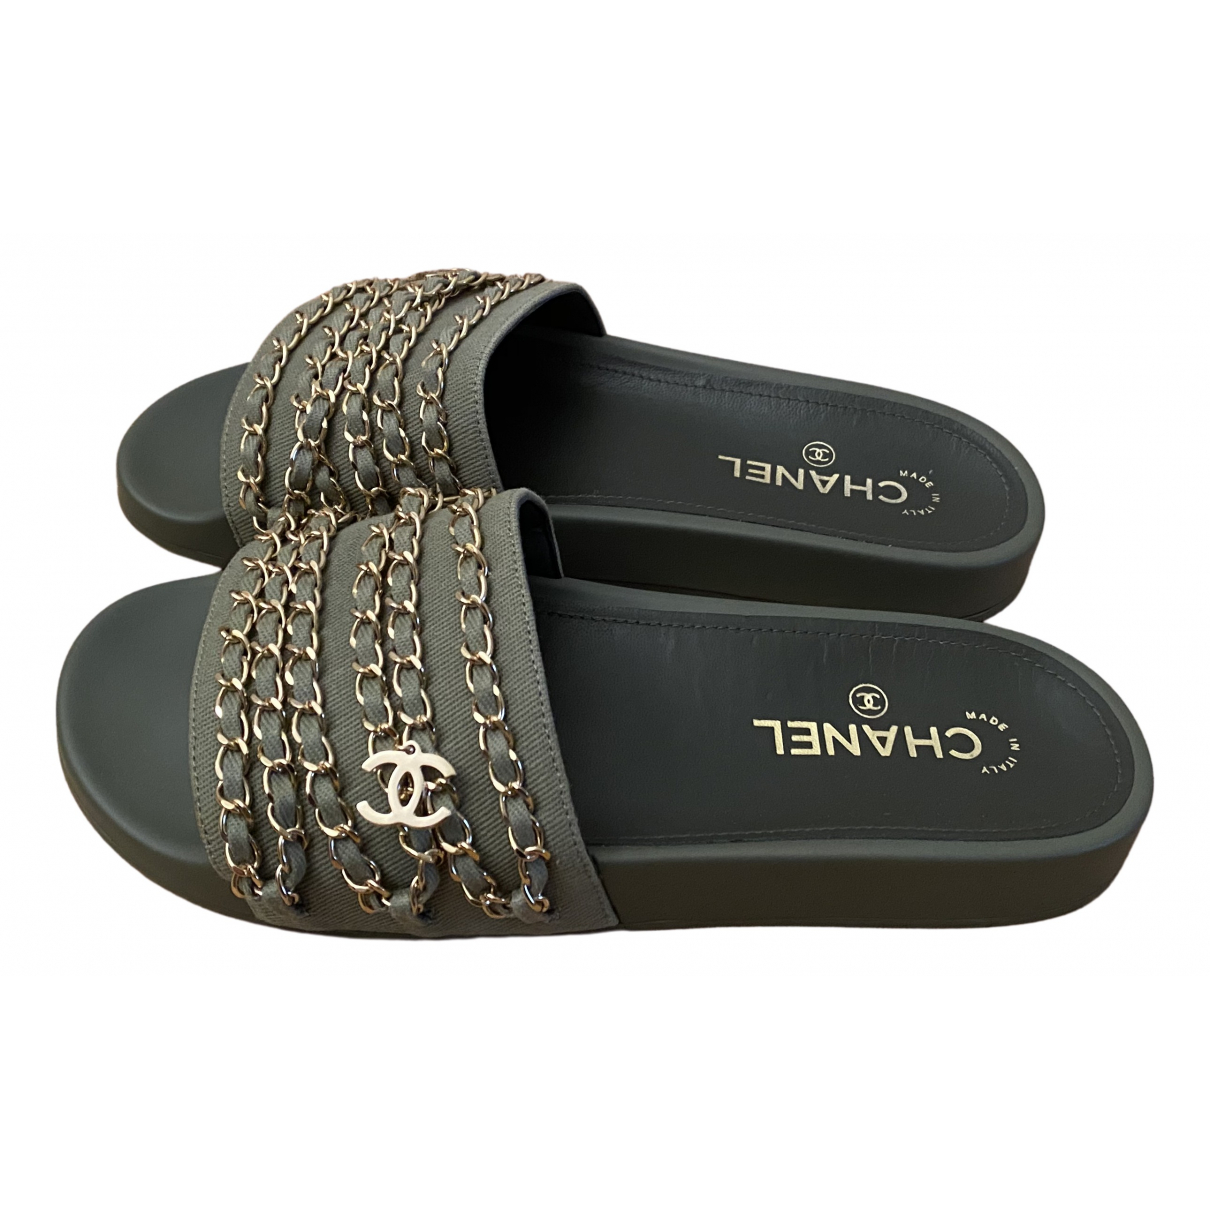 Chanel - Sandales   pour femme en caoutchouc - kaki